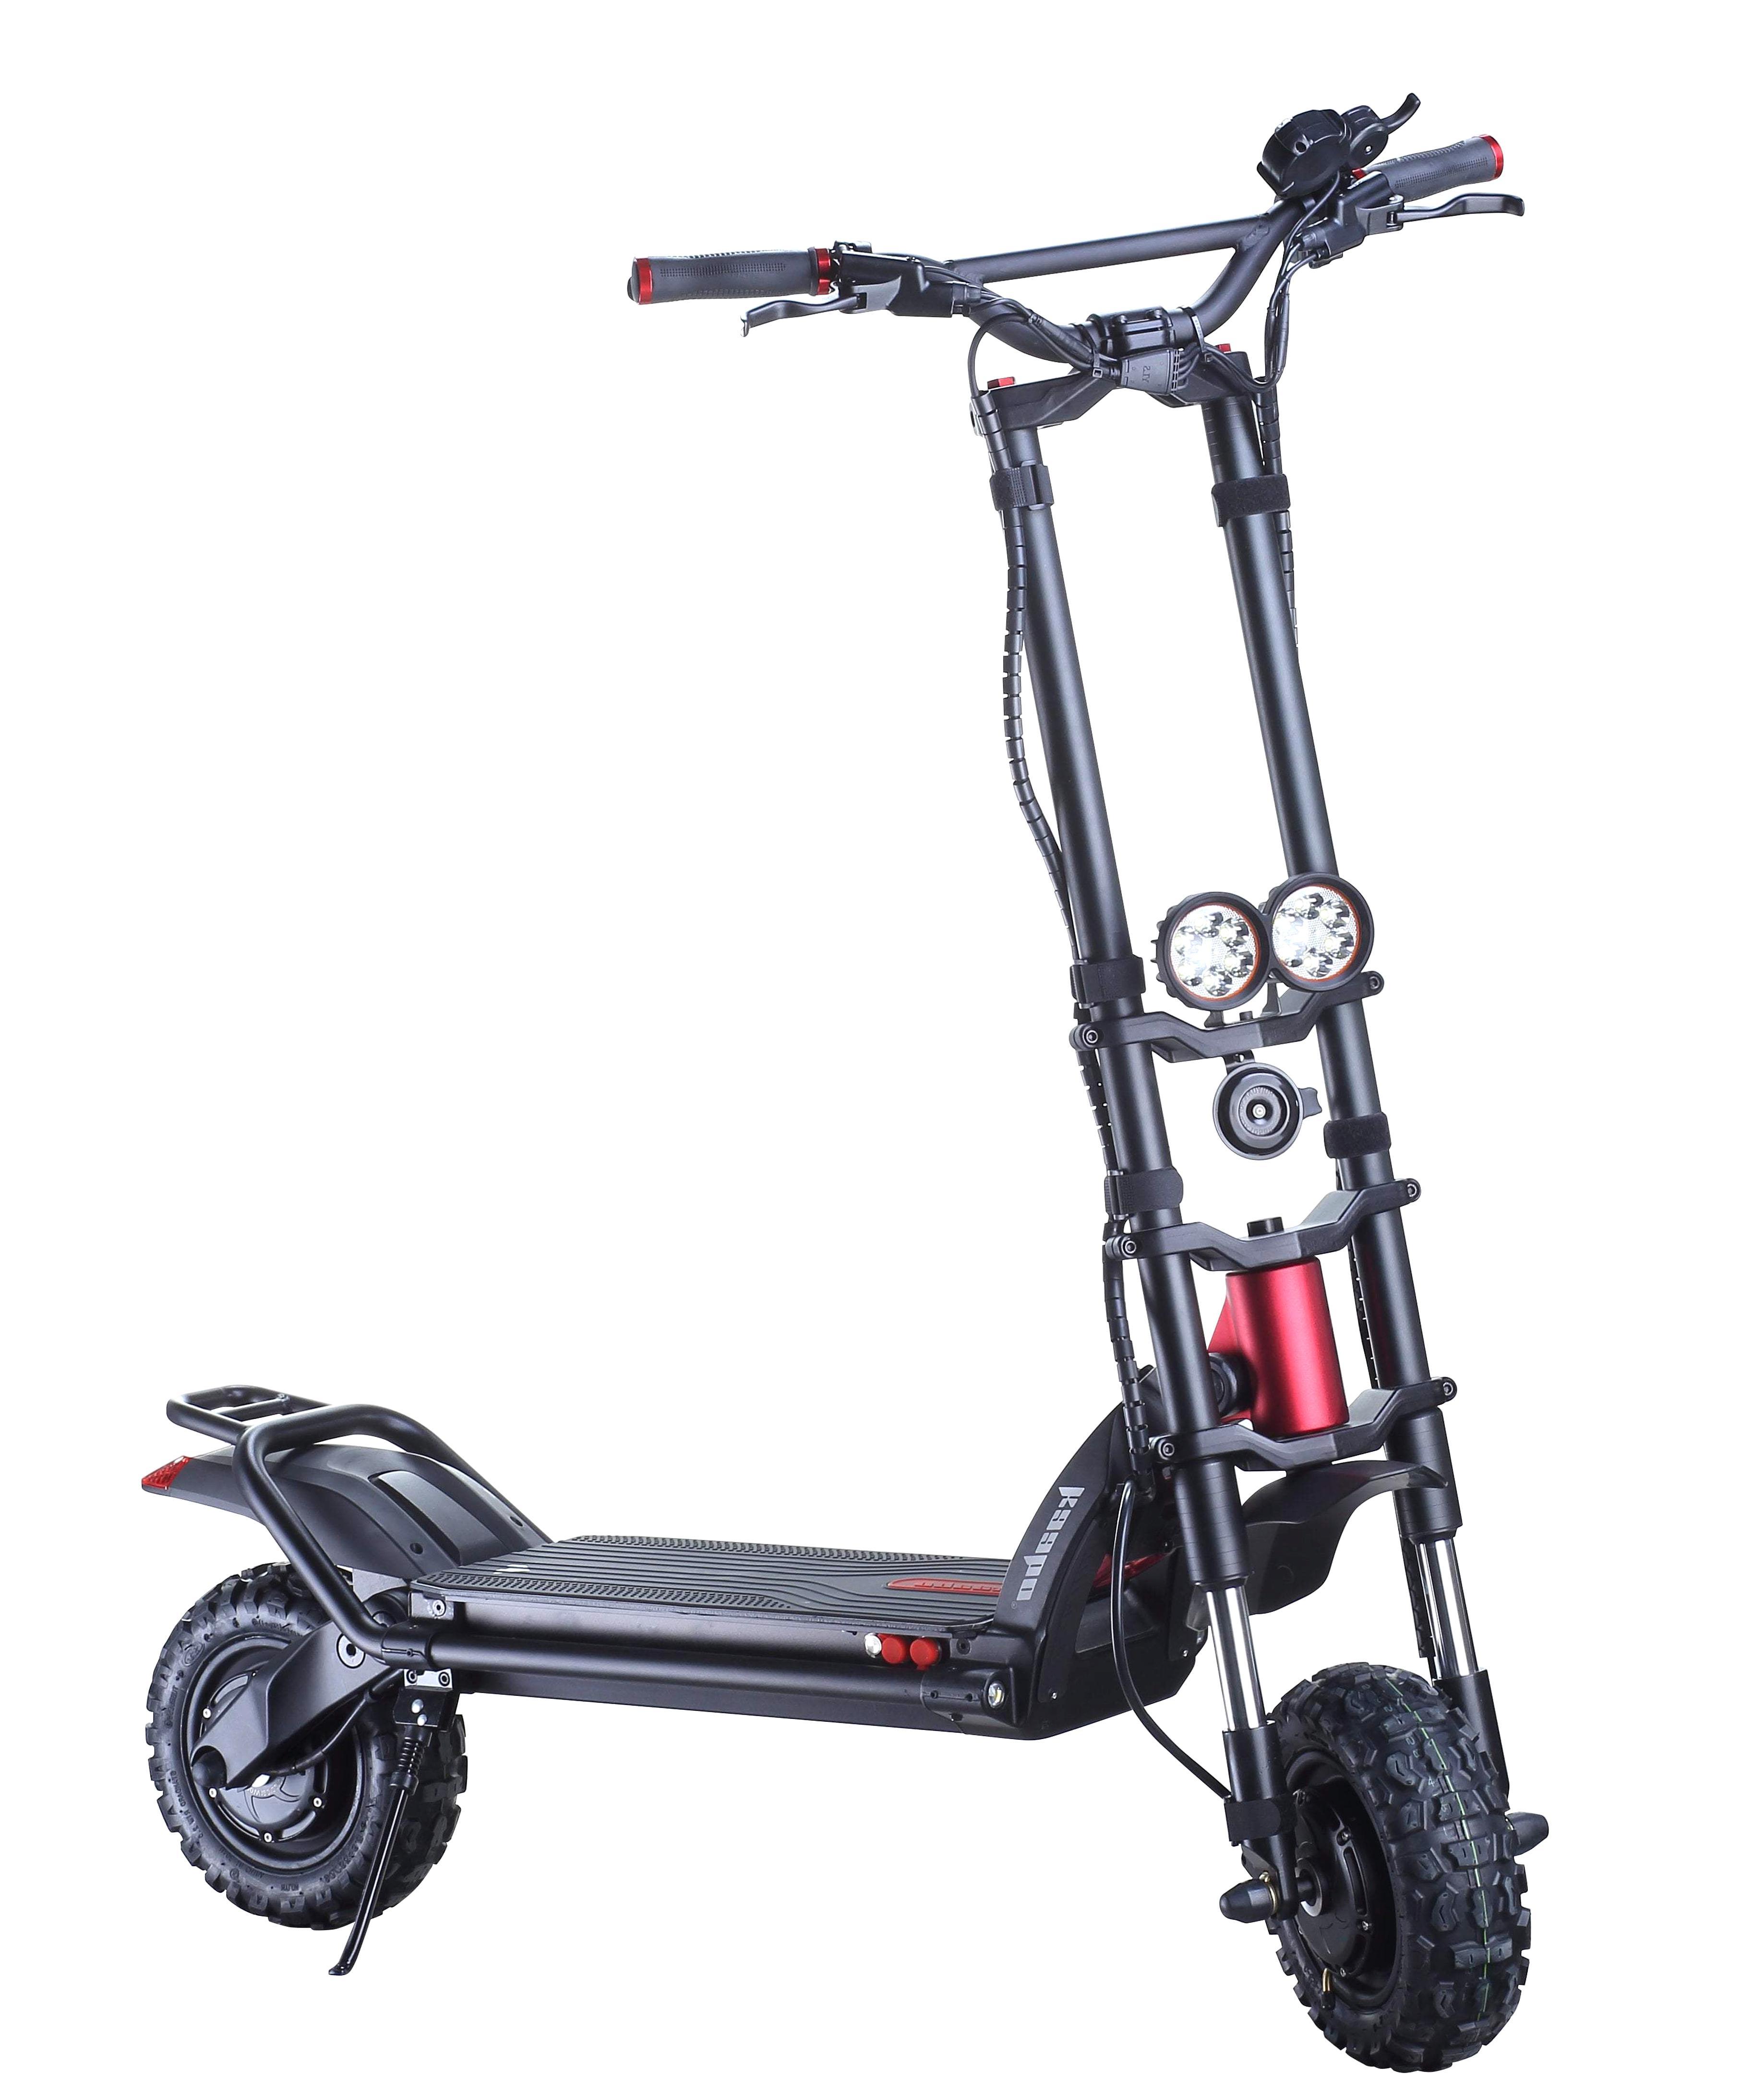 wolf scooter gebraucht kaufen